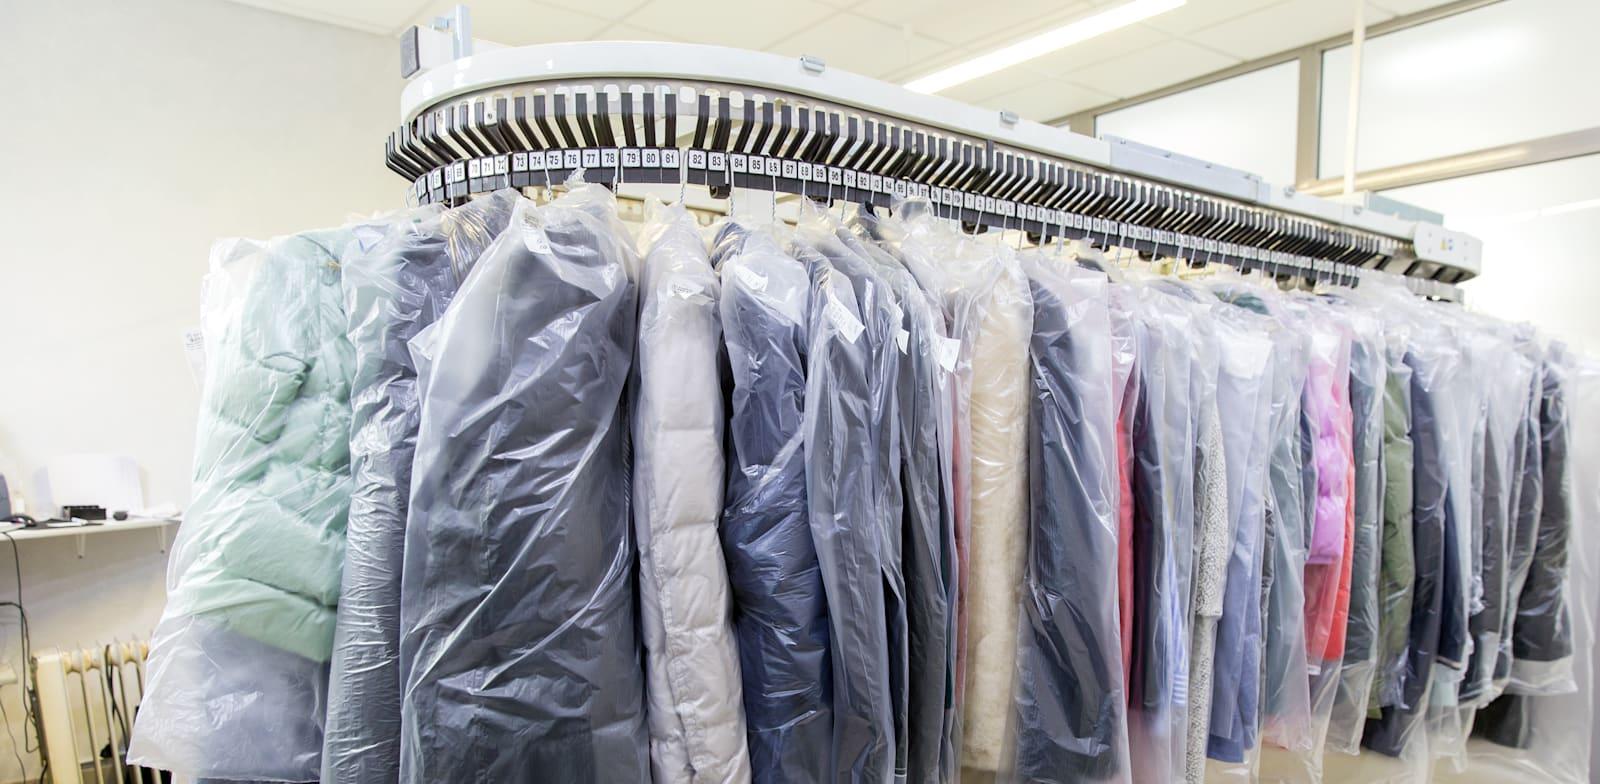 מכבסת ניקוי יבש / צילום: Shutterstock